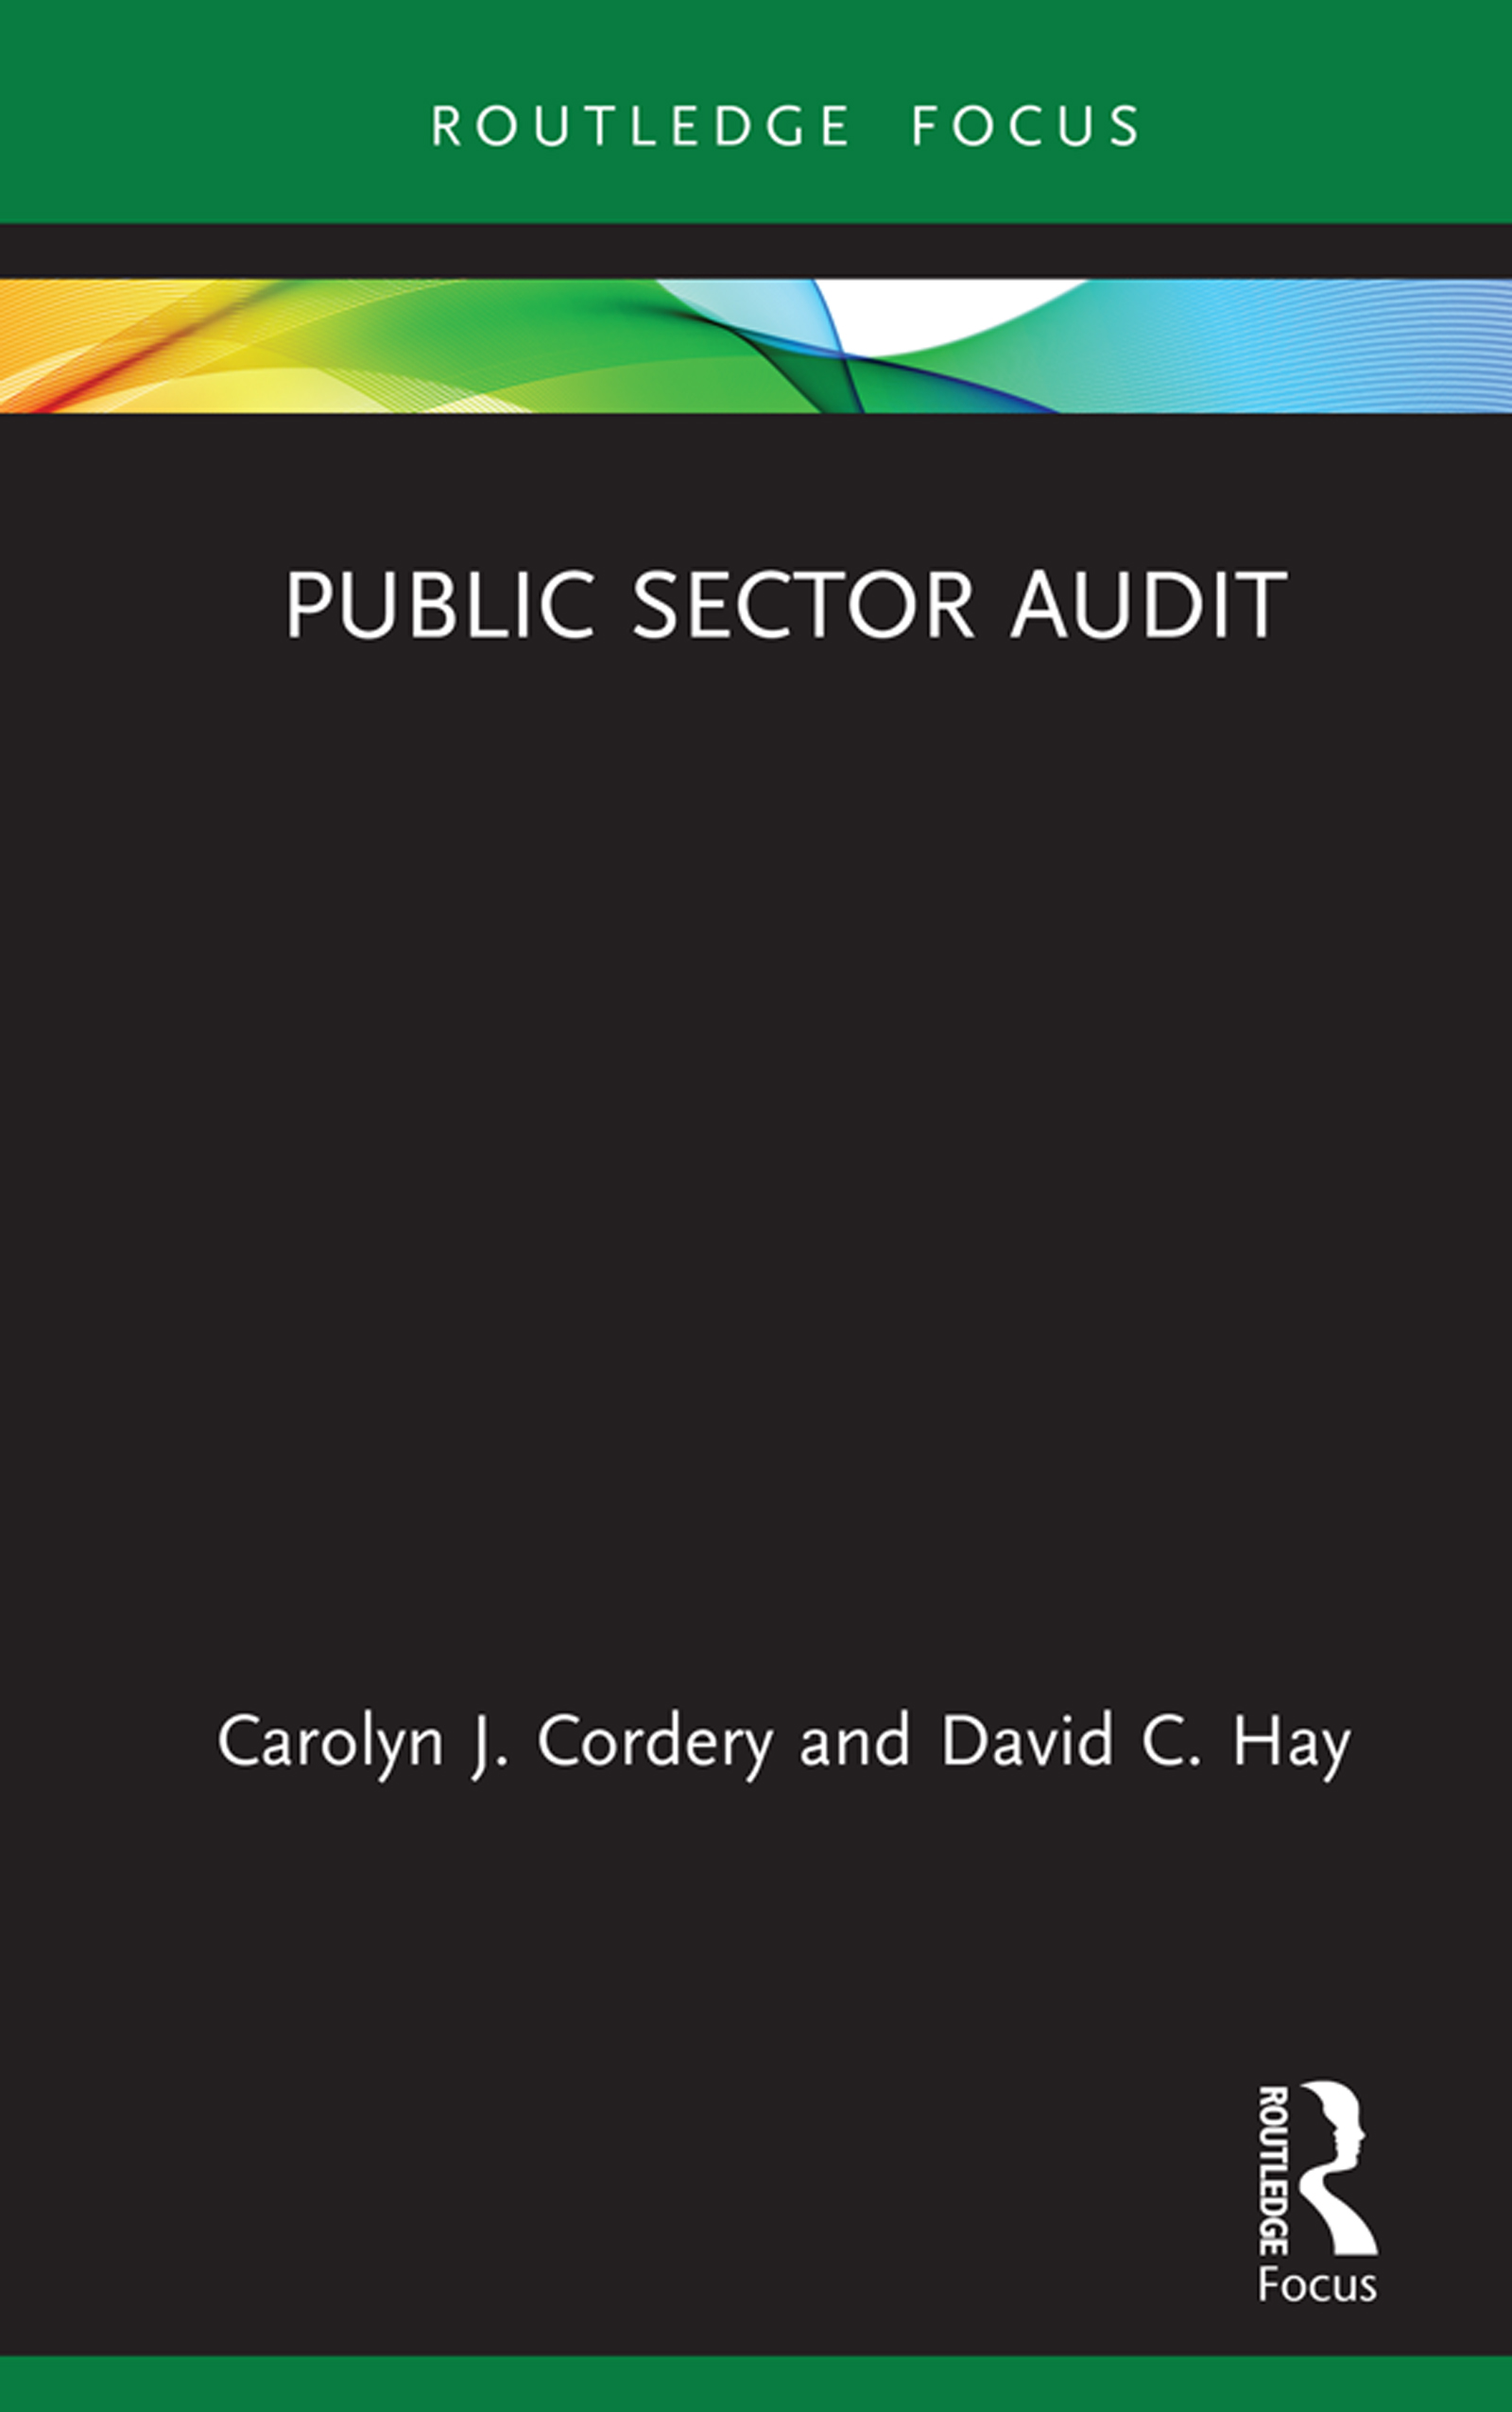 Public Sector Audit